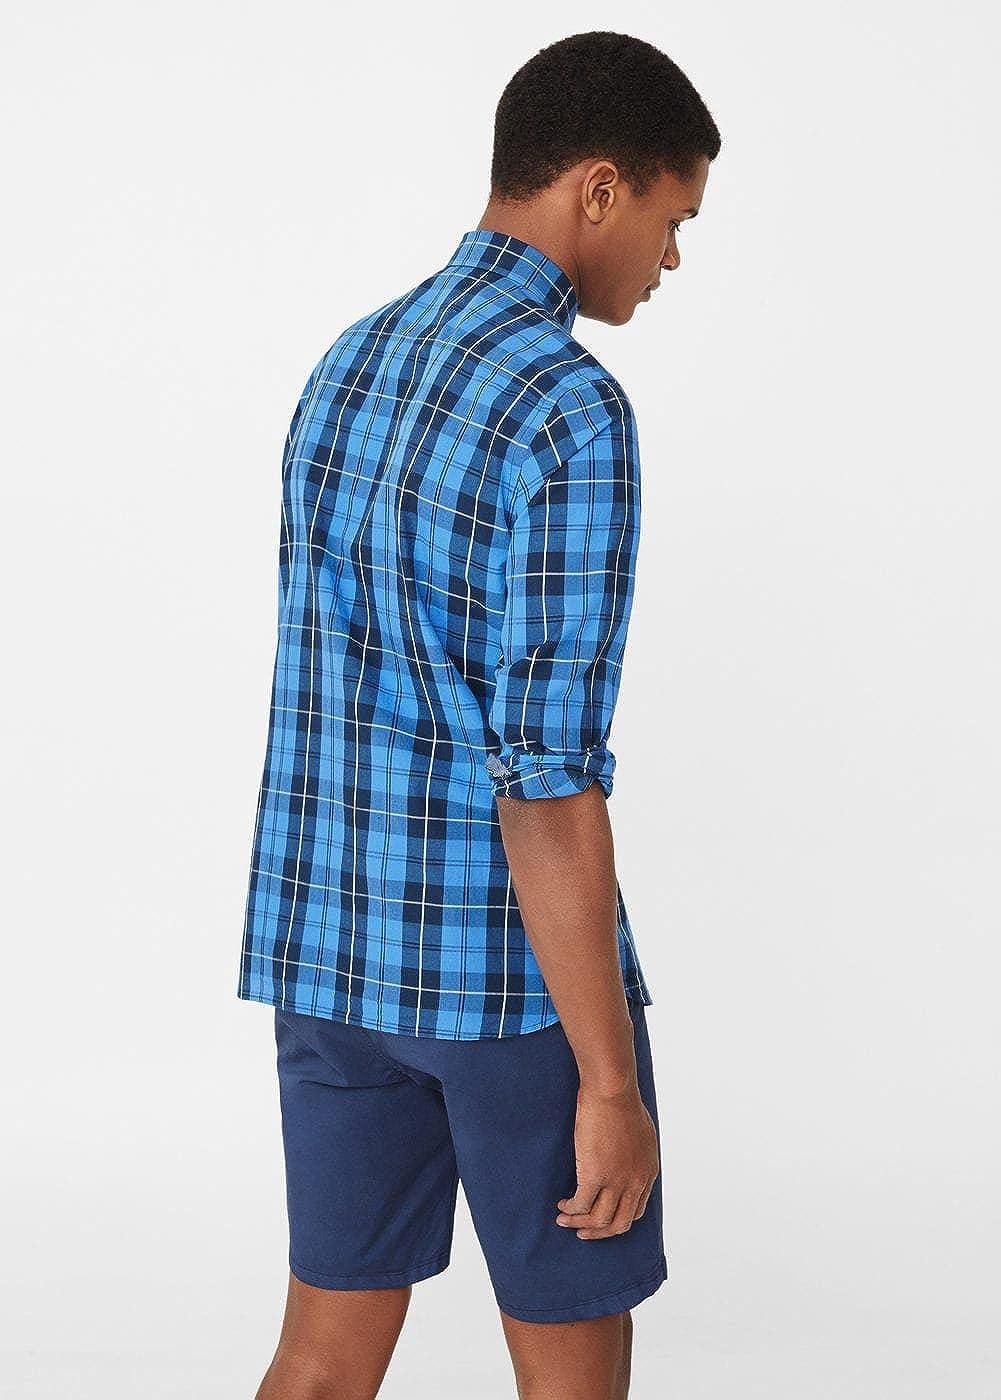 MANGO MAN - Camisa casual - para hombre Bleu encre L: Amazon.es: Ropa y accesorios